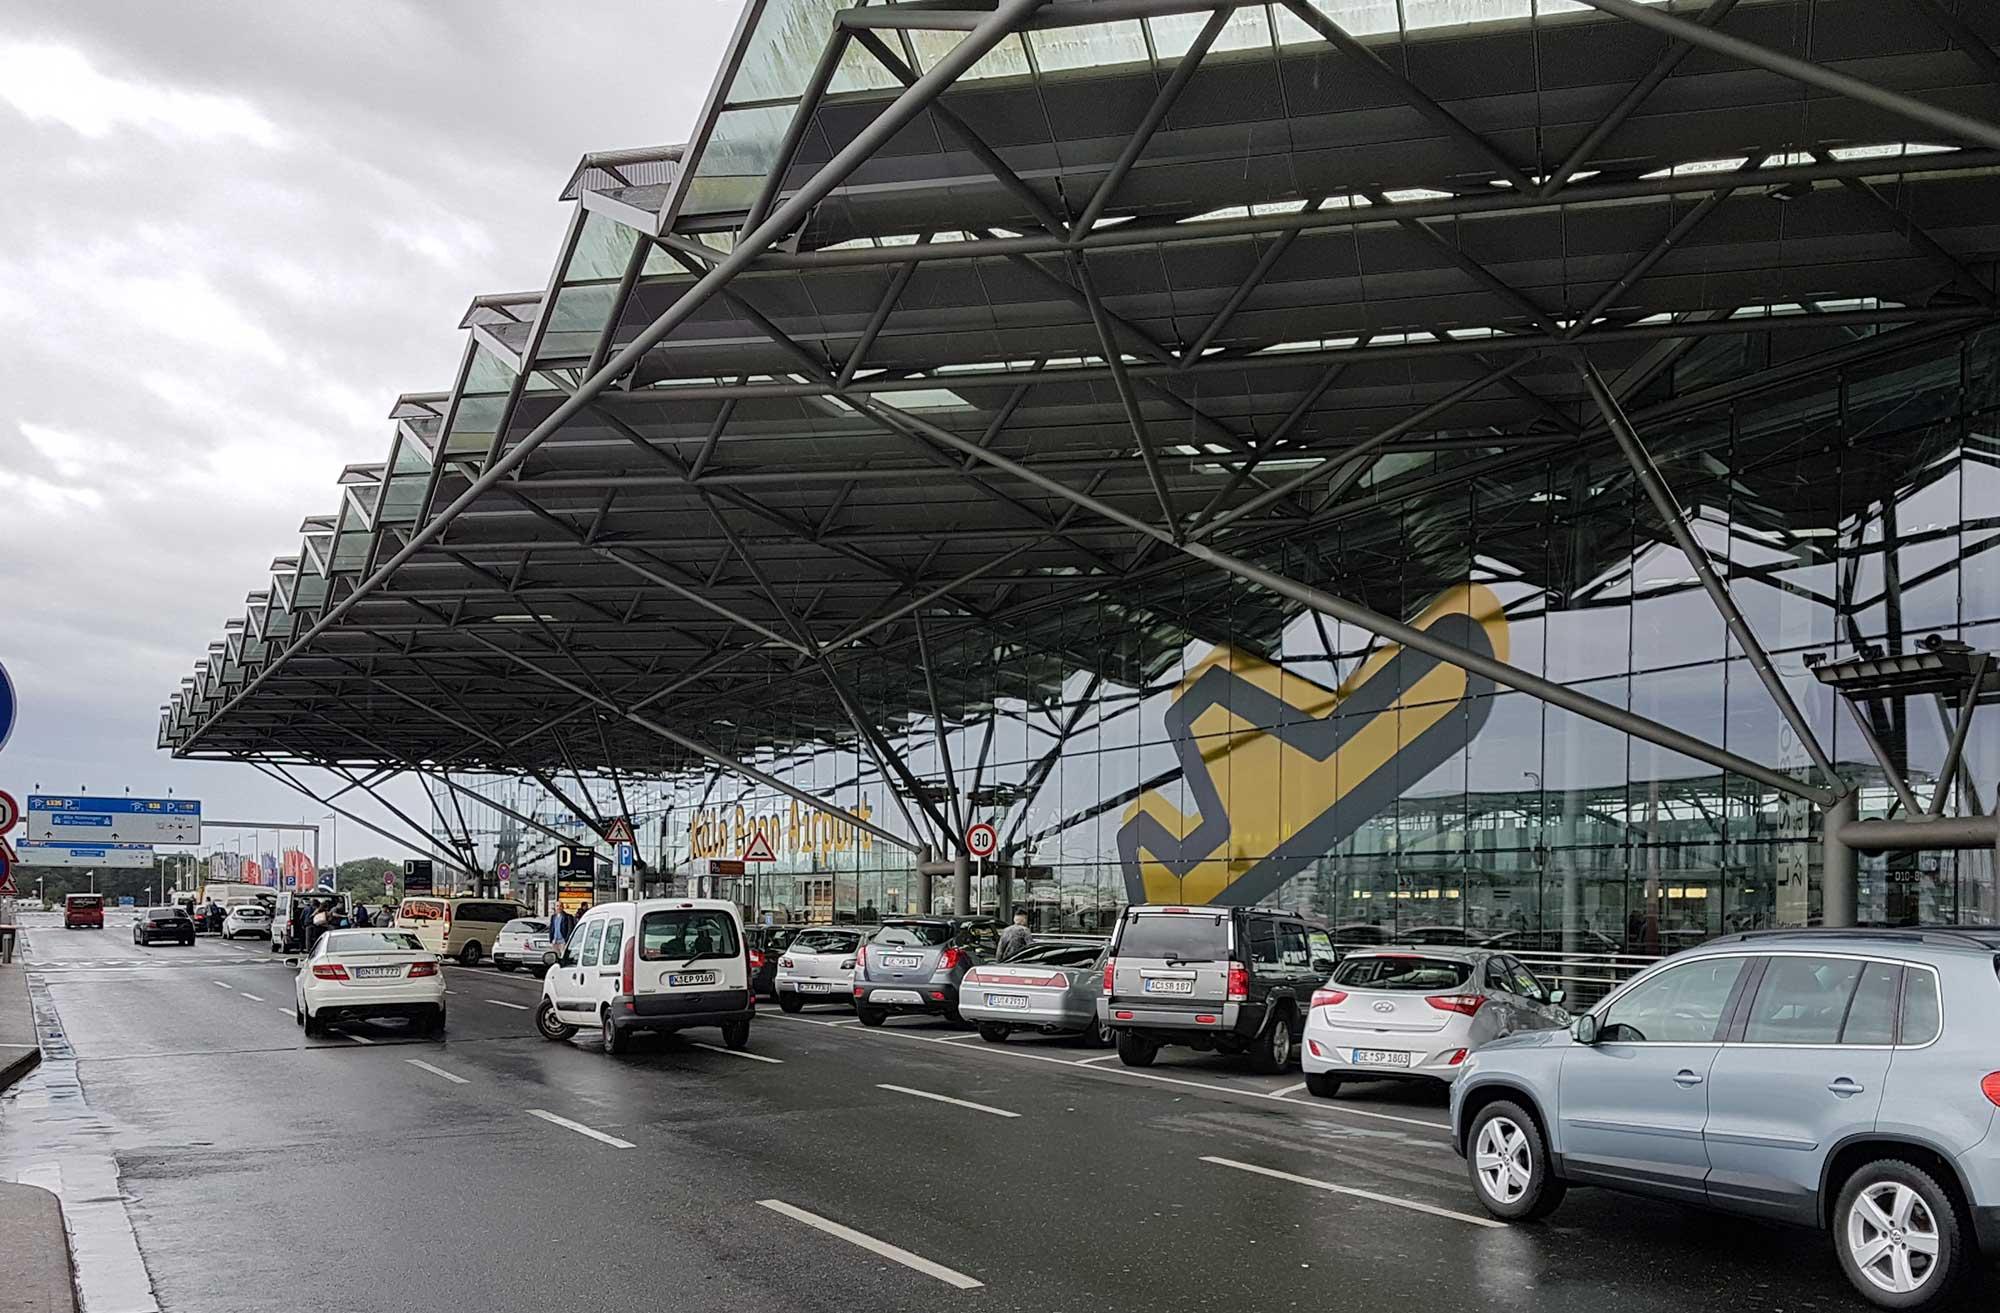 Abflug koeln bonn flughafen Flughafen Köln/Bonn: